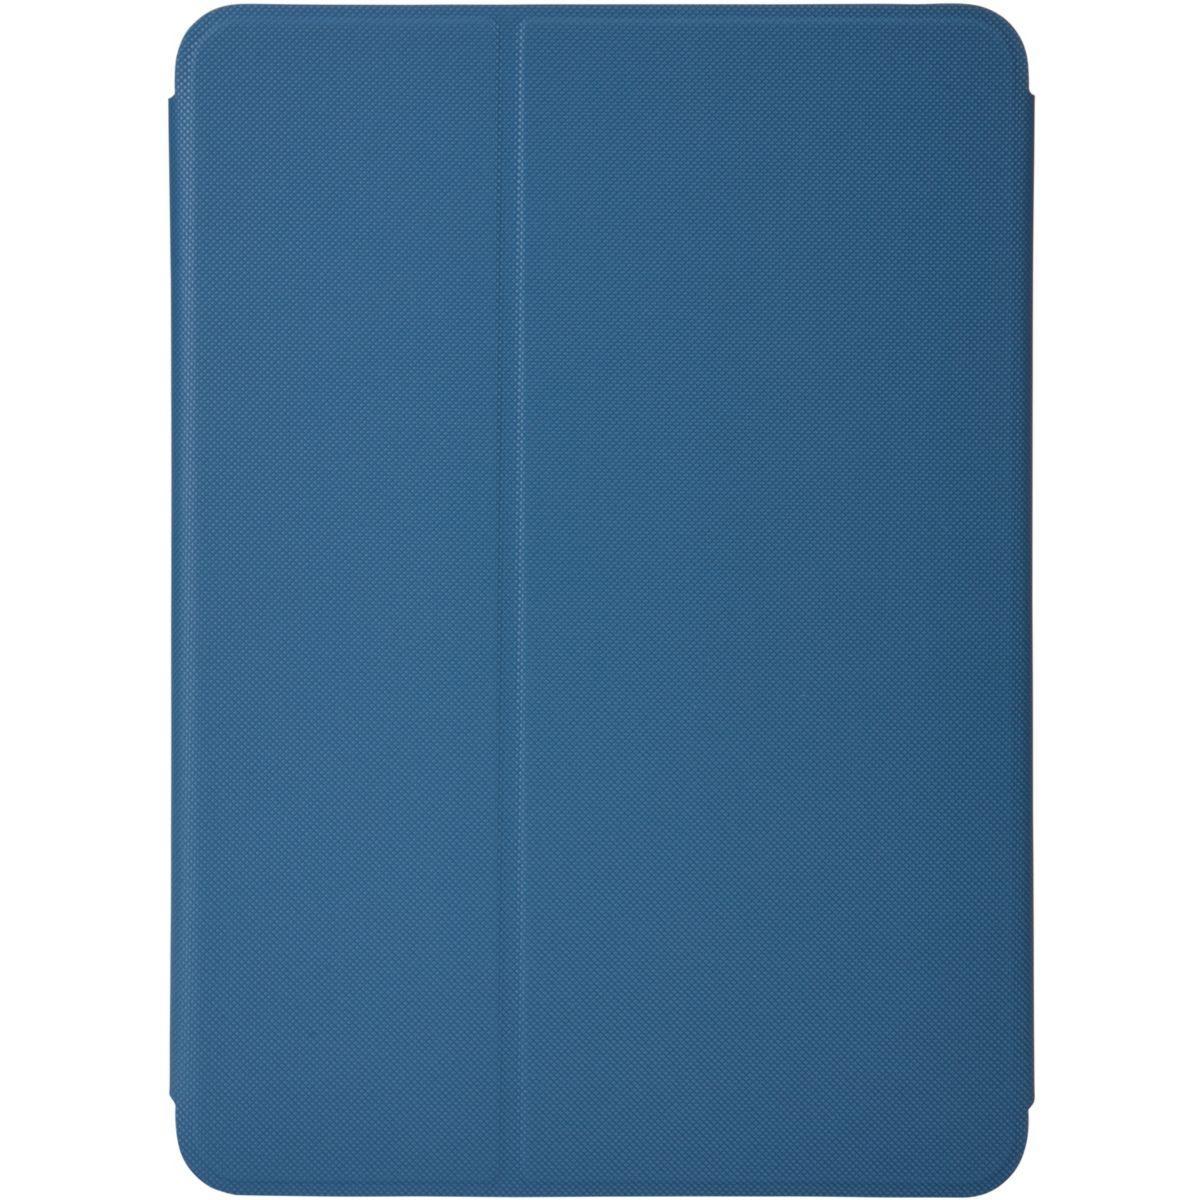 Folio caselogic new ipad bleu/ air 2/ pr - soldes et bons plans